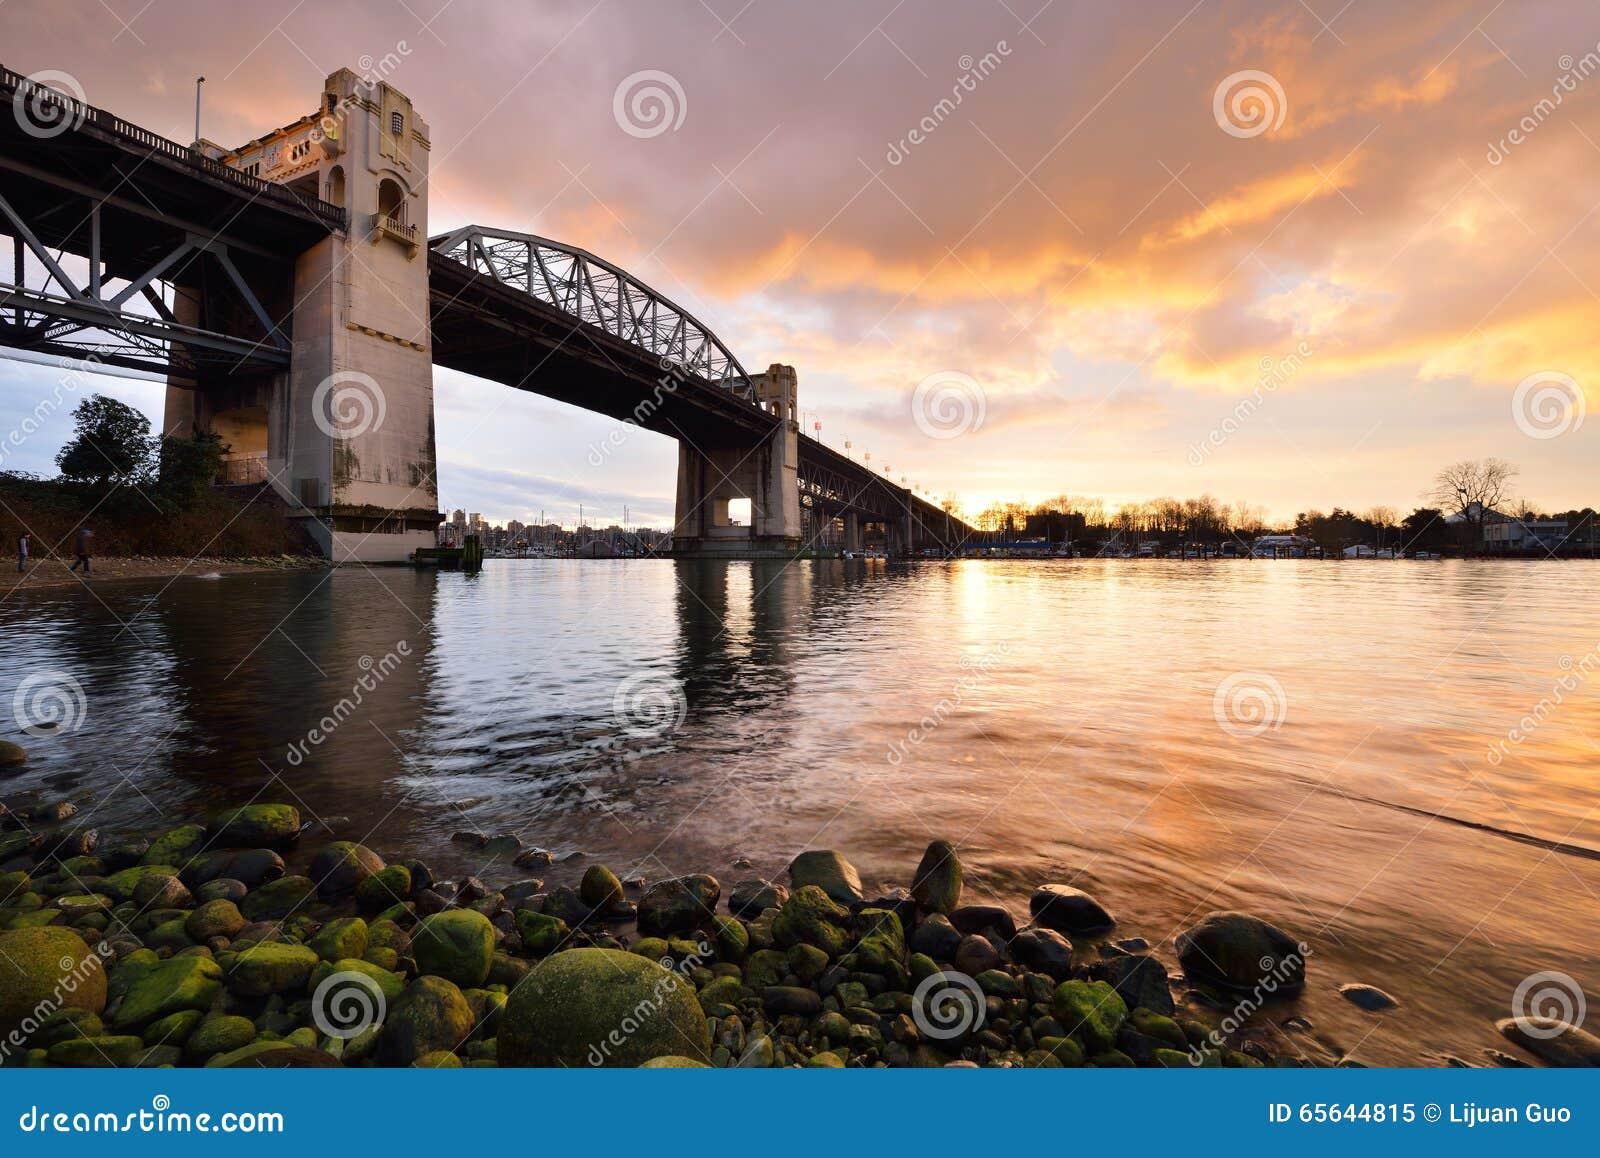 Pont historique de Burrard de Vancouver au coucher du soleil